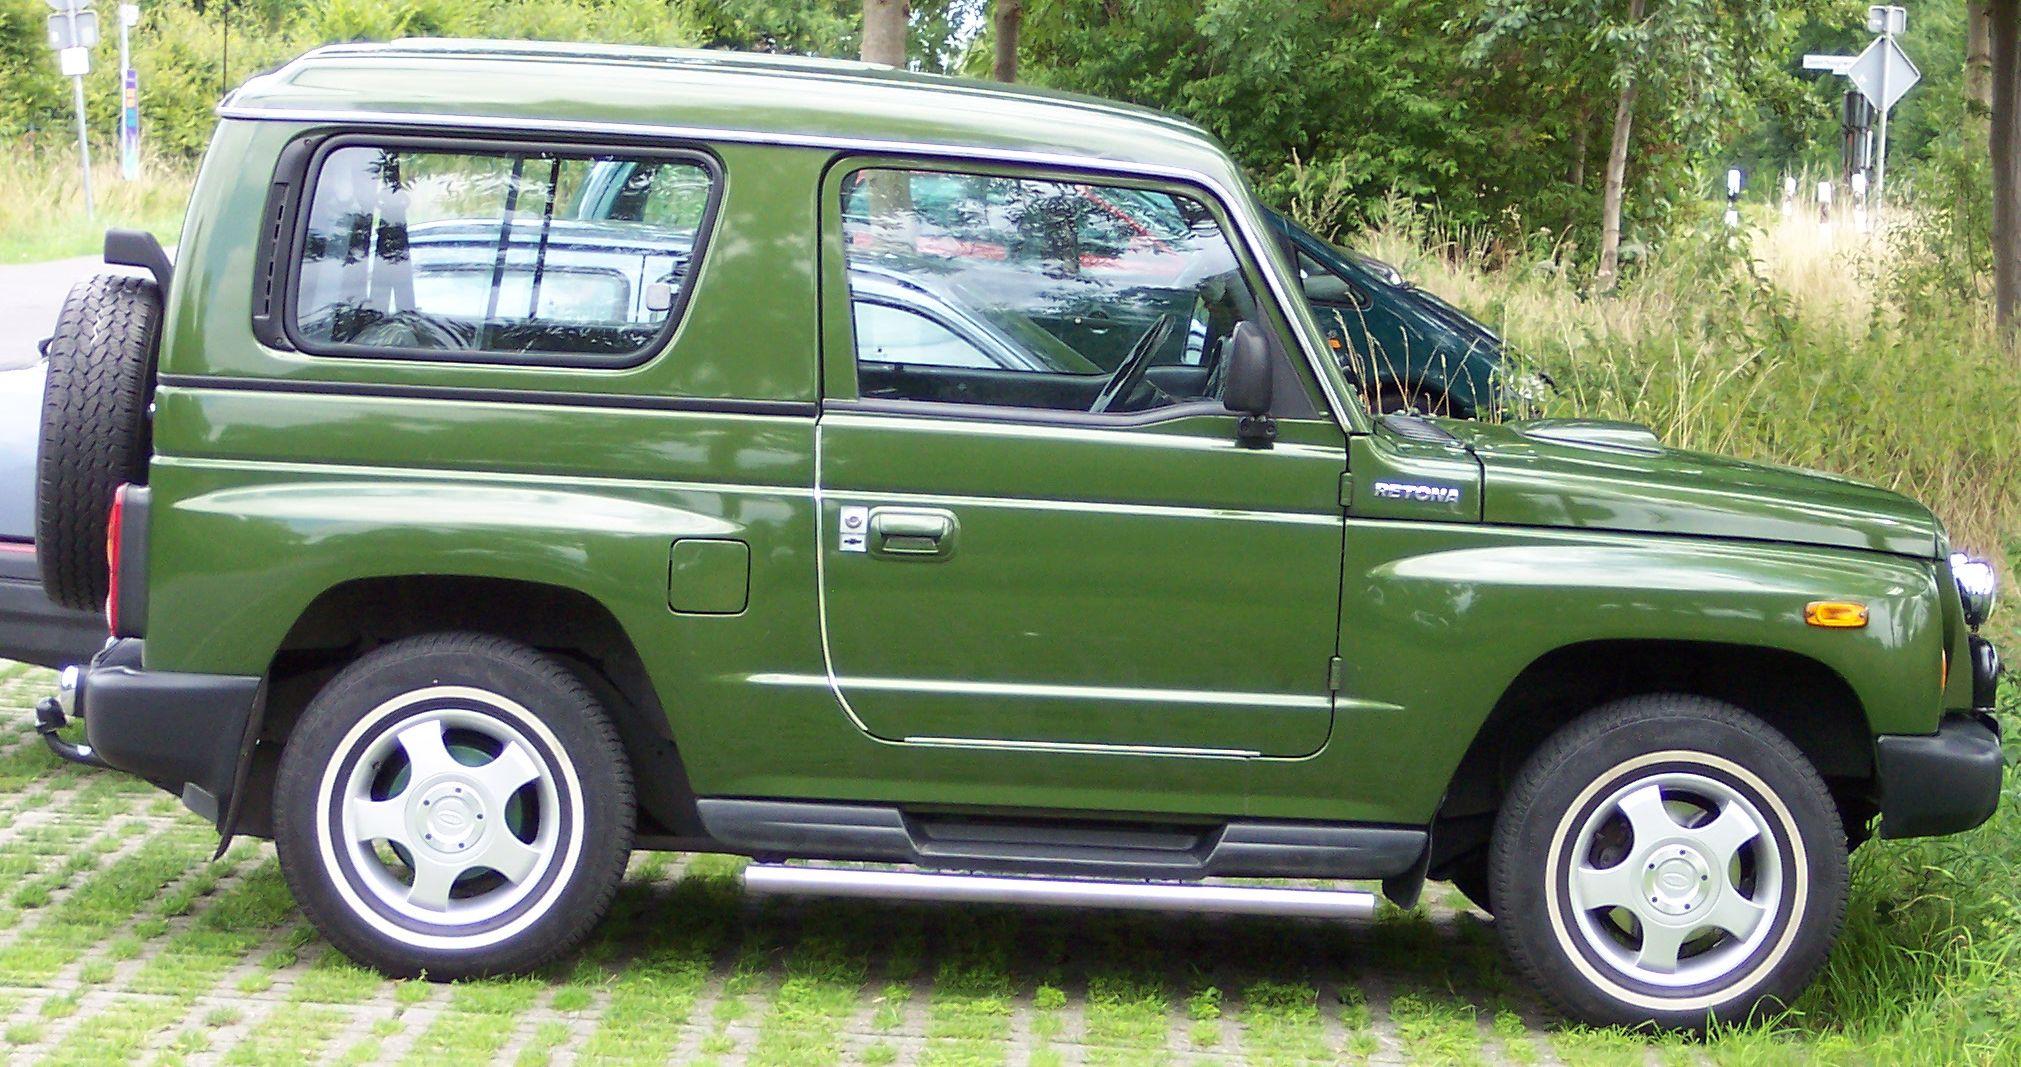 Asia Retona 1997 - 2003 SUV 3 door #6